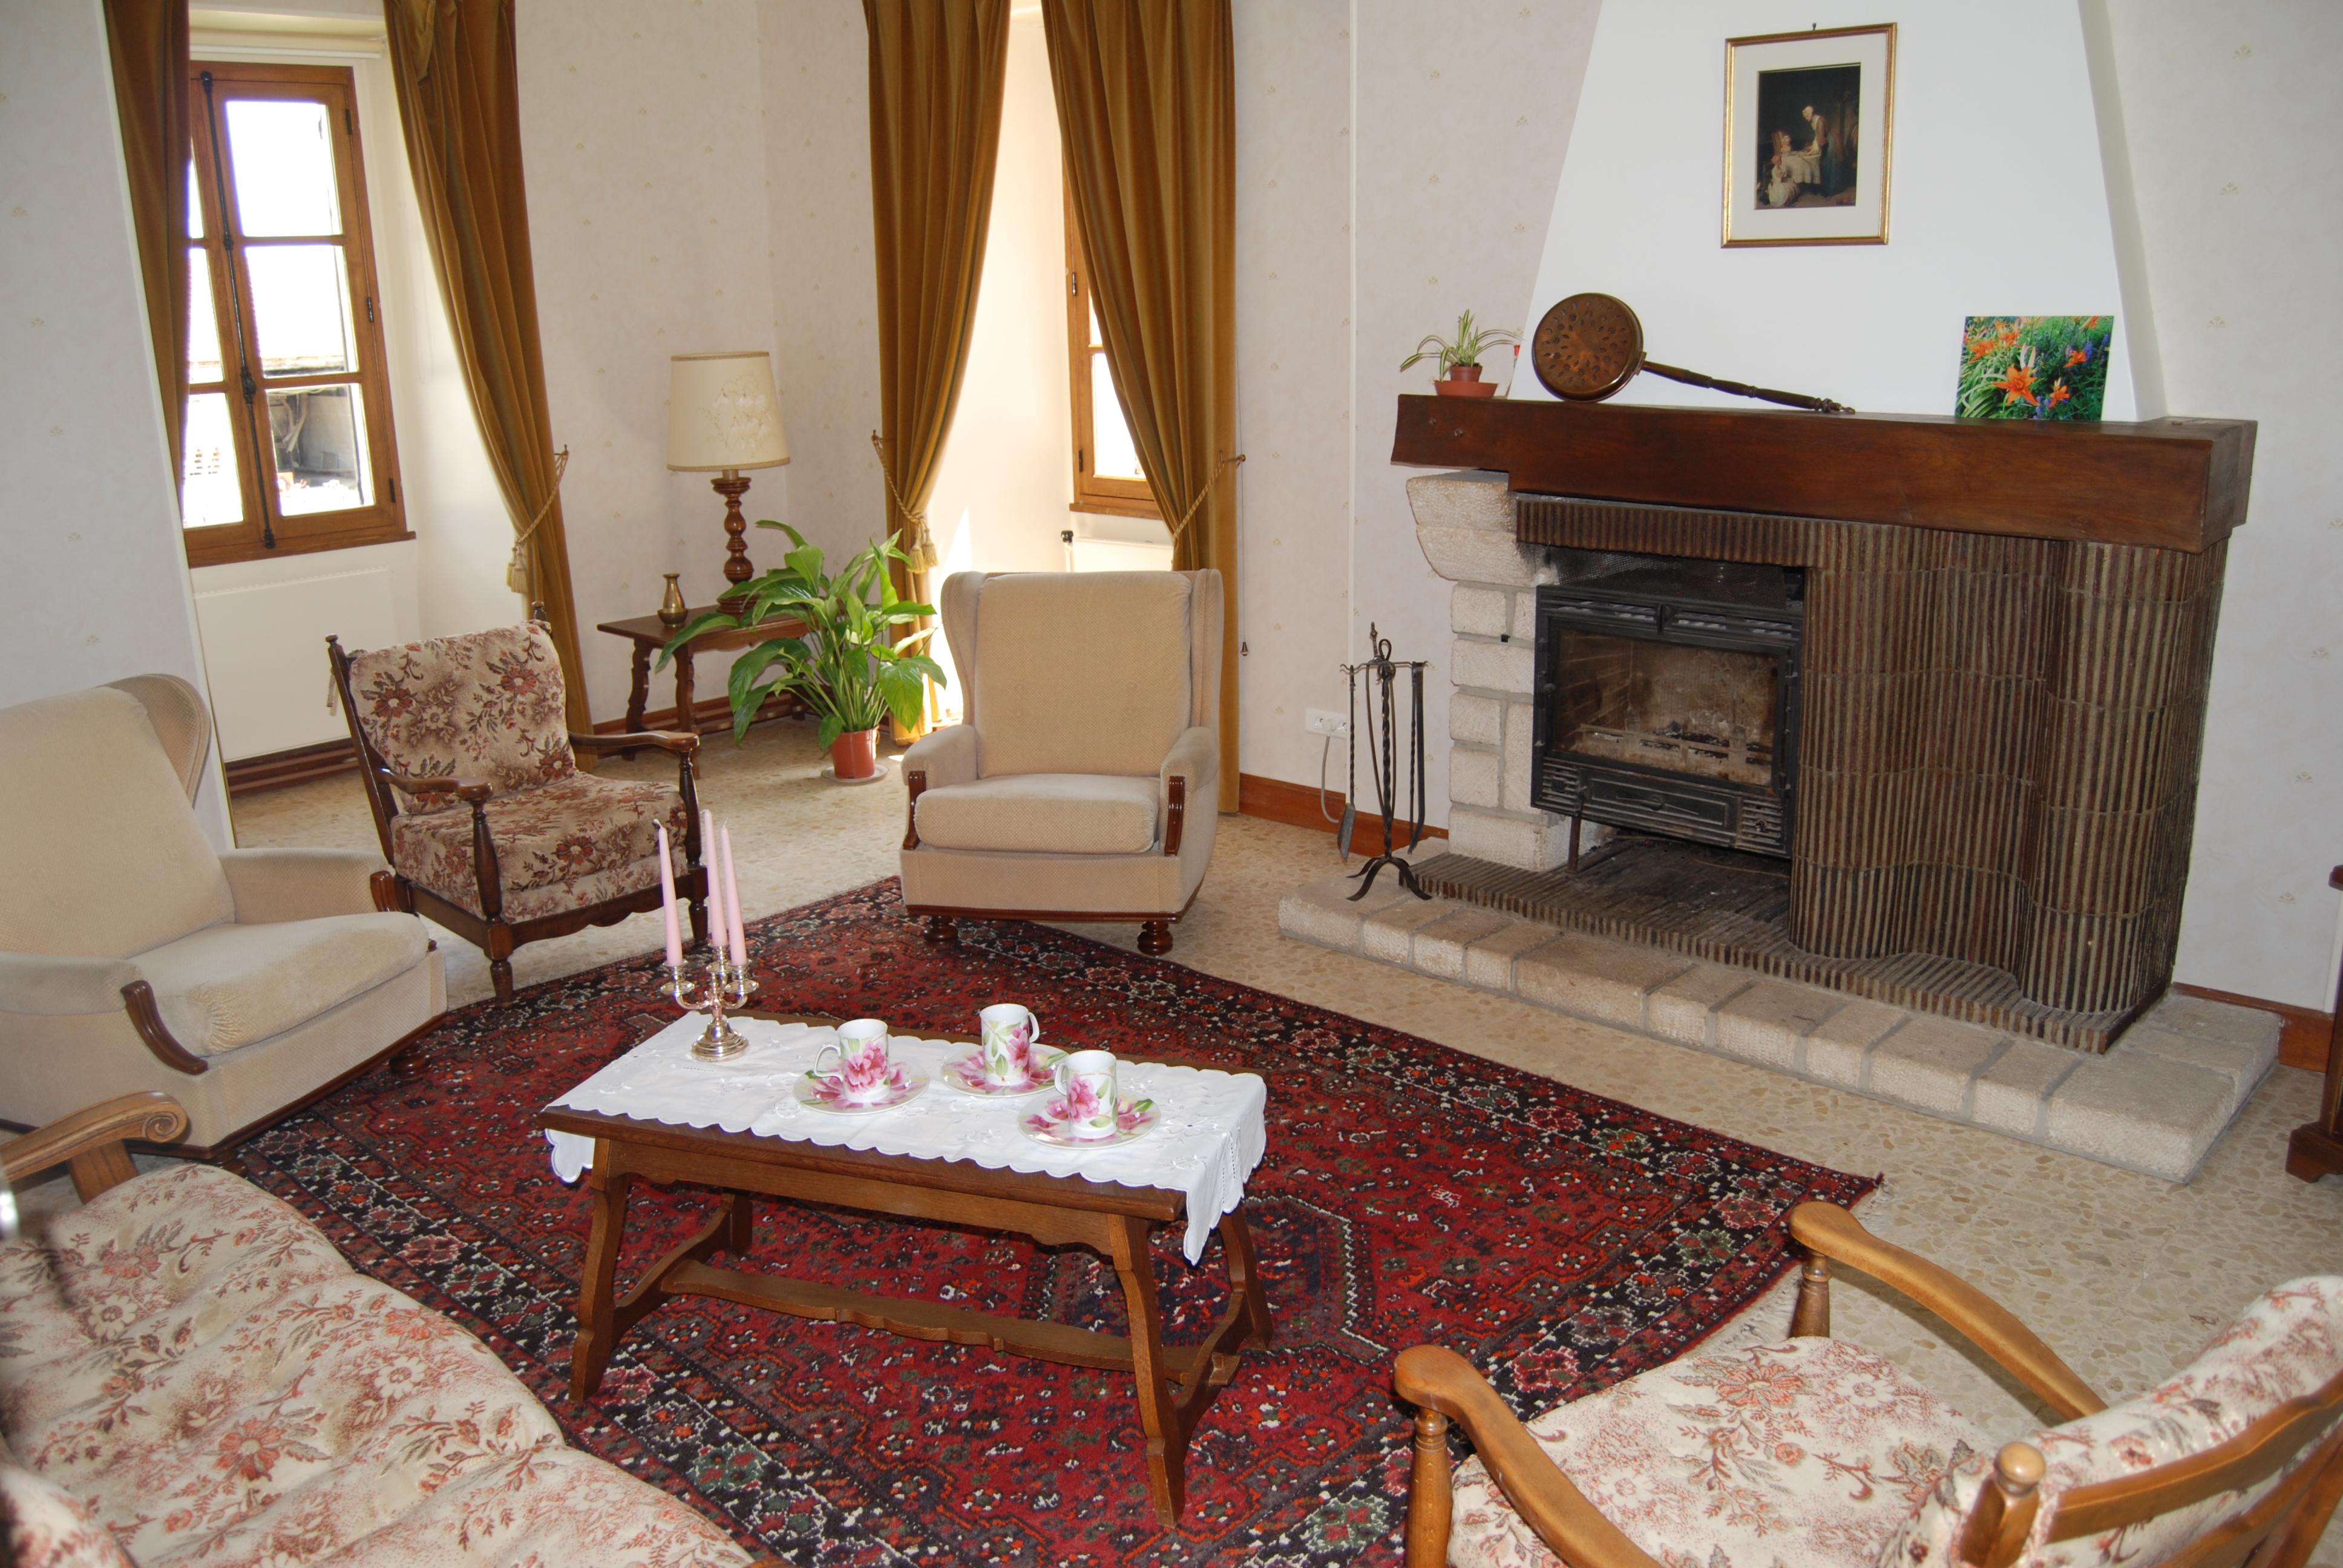 Le salon du gîte avec son grand tapis et ses nombreux sièges